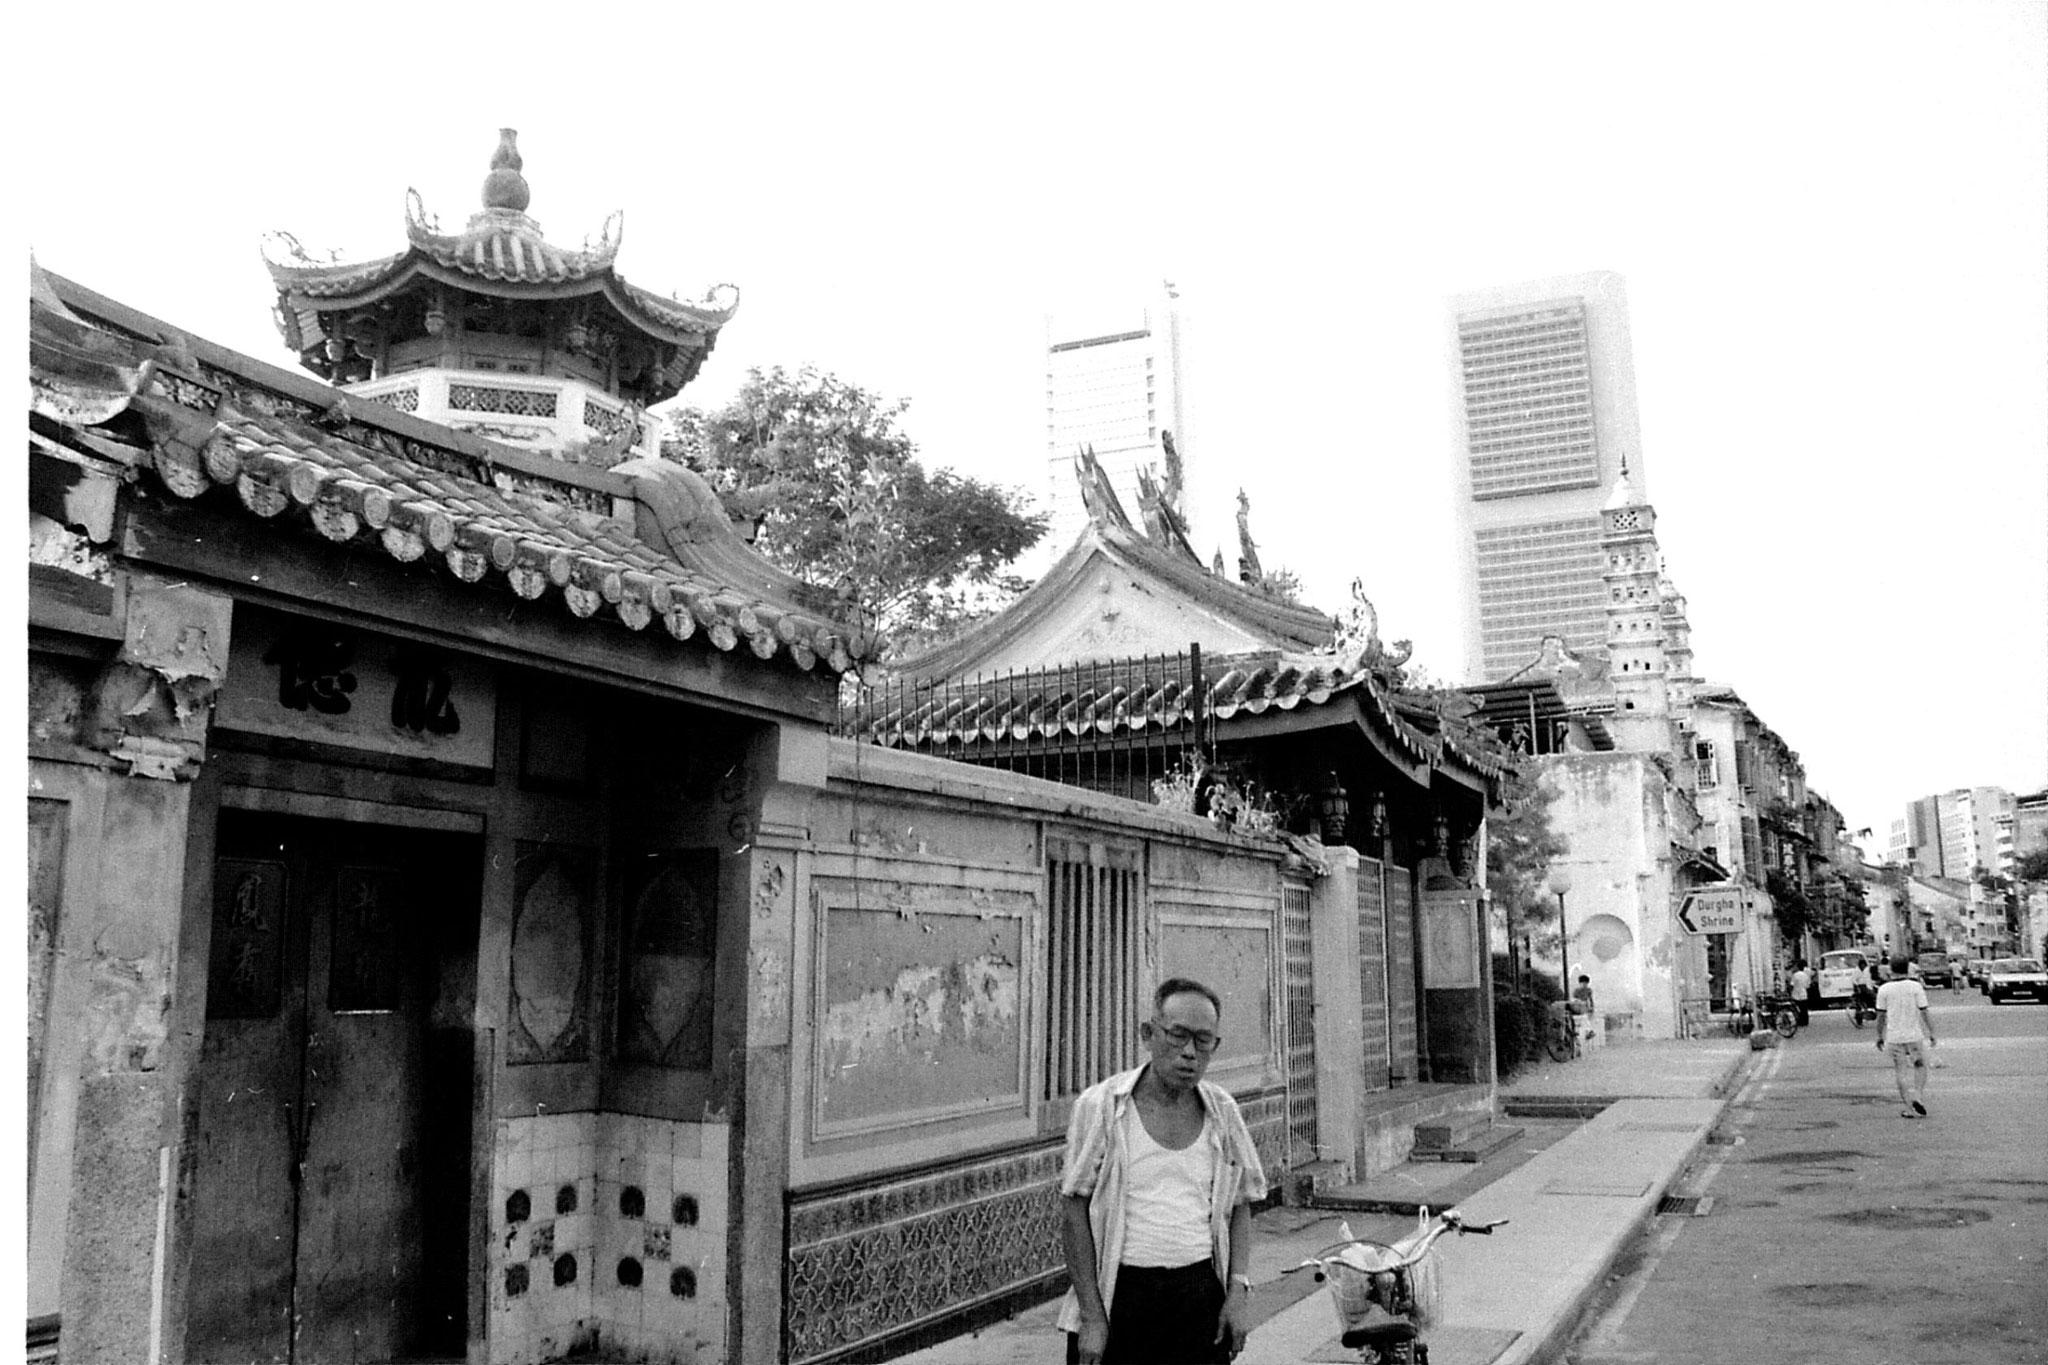 2/7/1990: 33: Singapore Chinatown